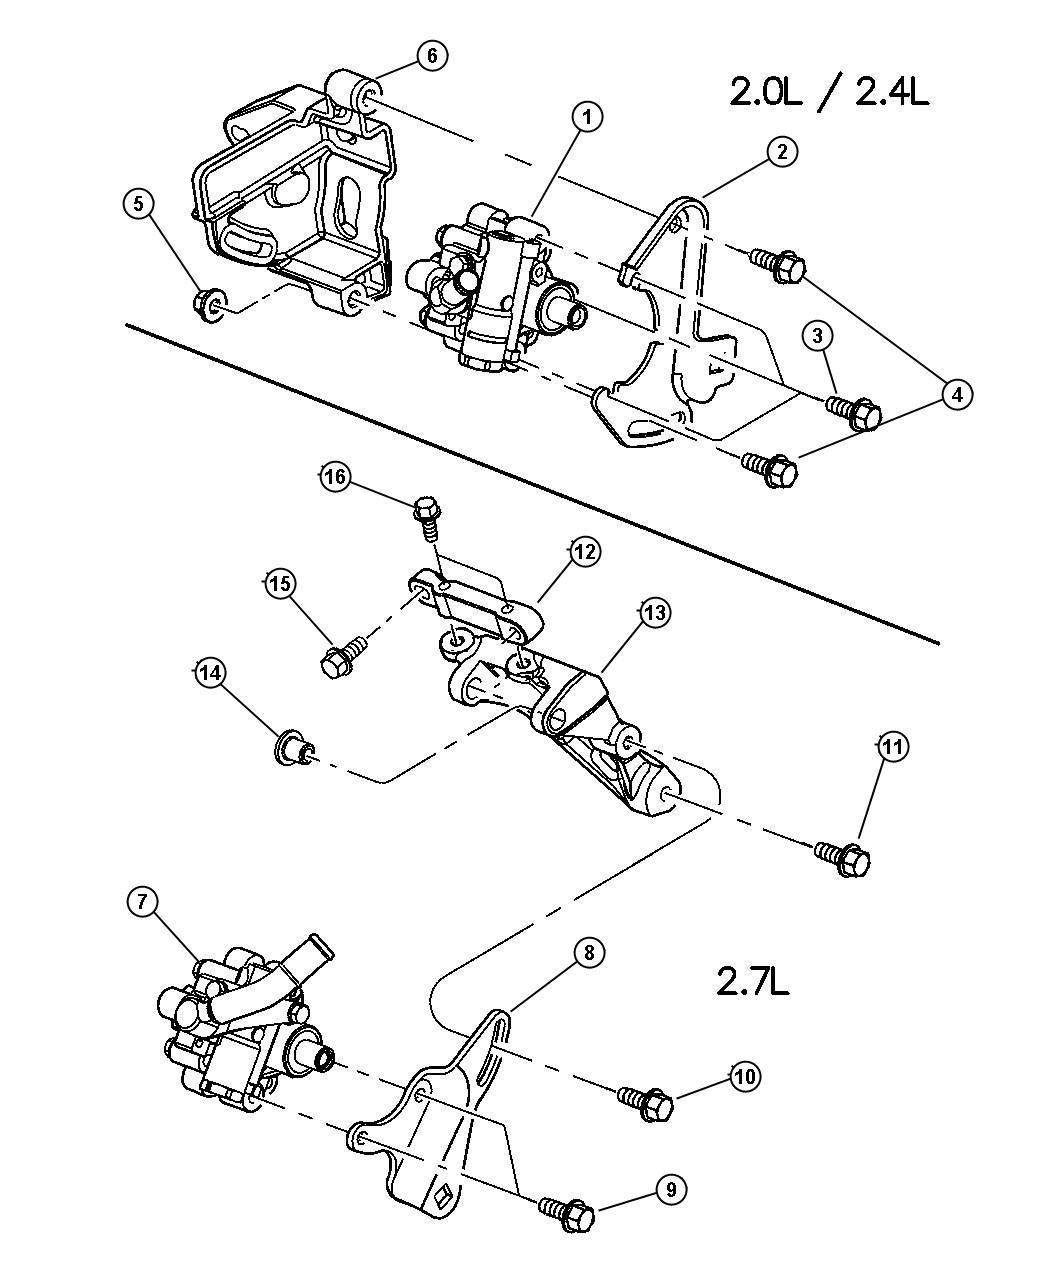 2004 Chrysler Sebring GTC Convertible 2.7L V6 DOHC 24